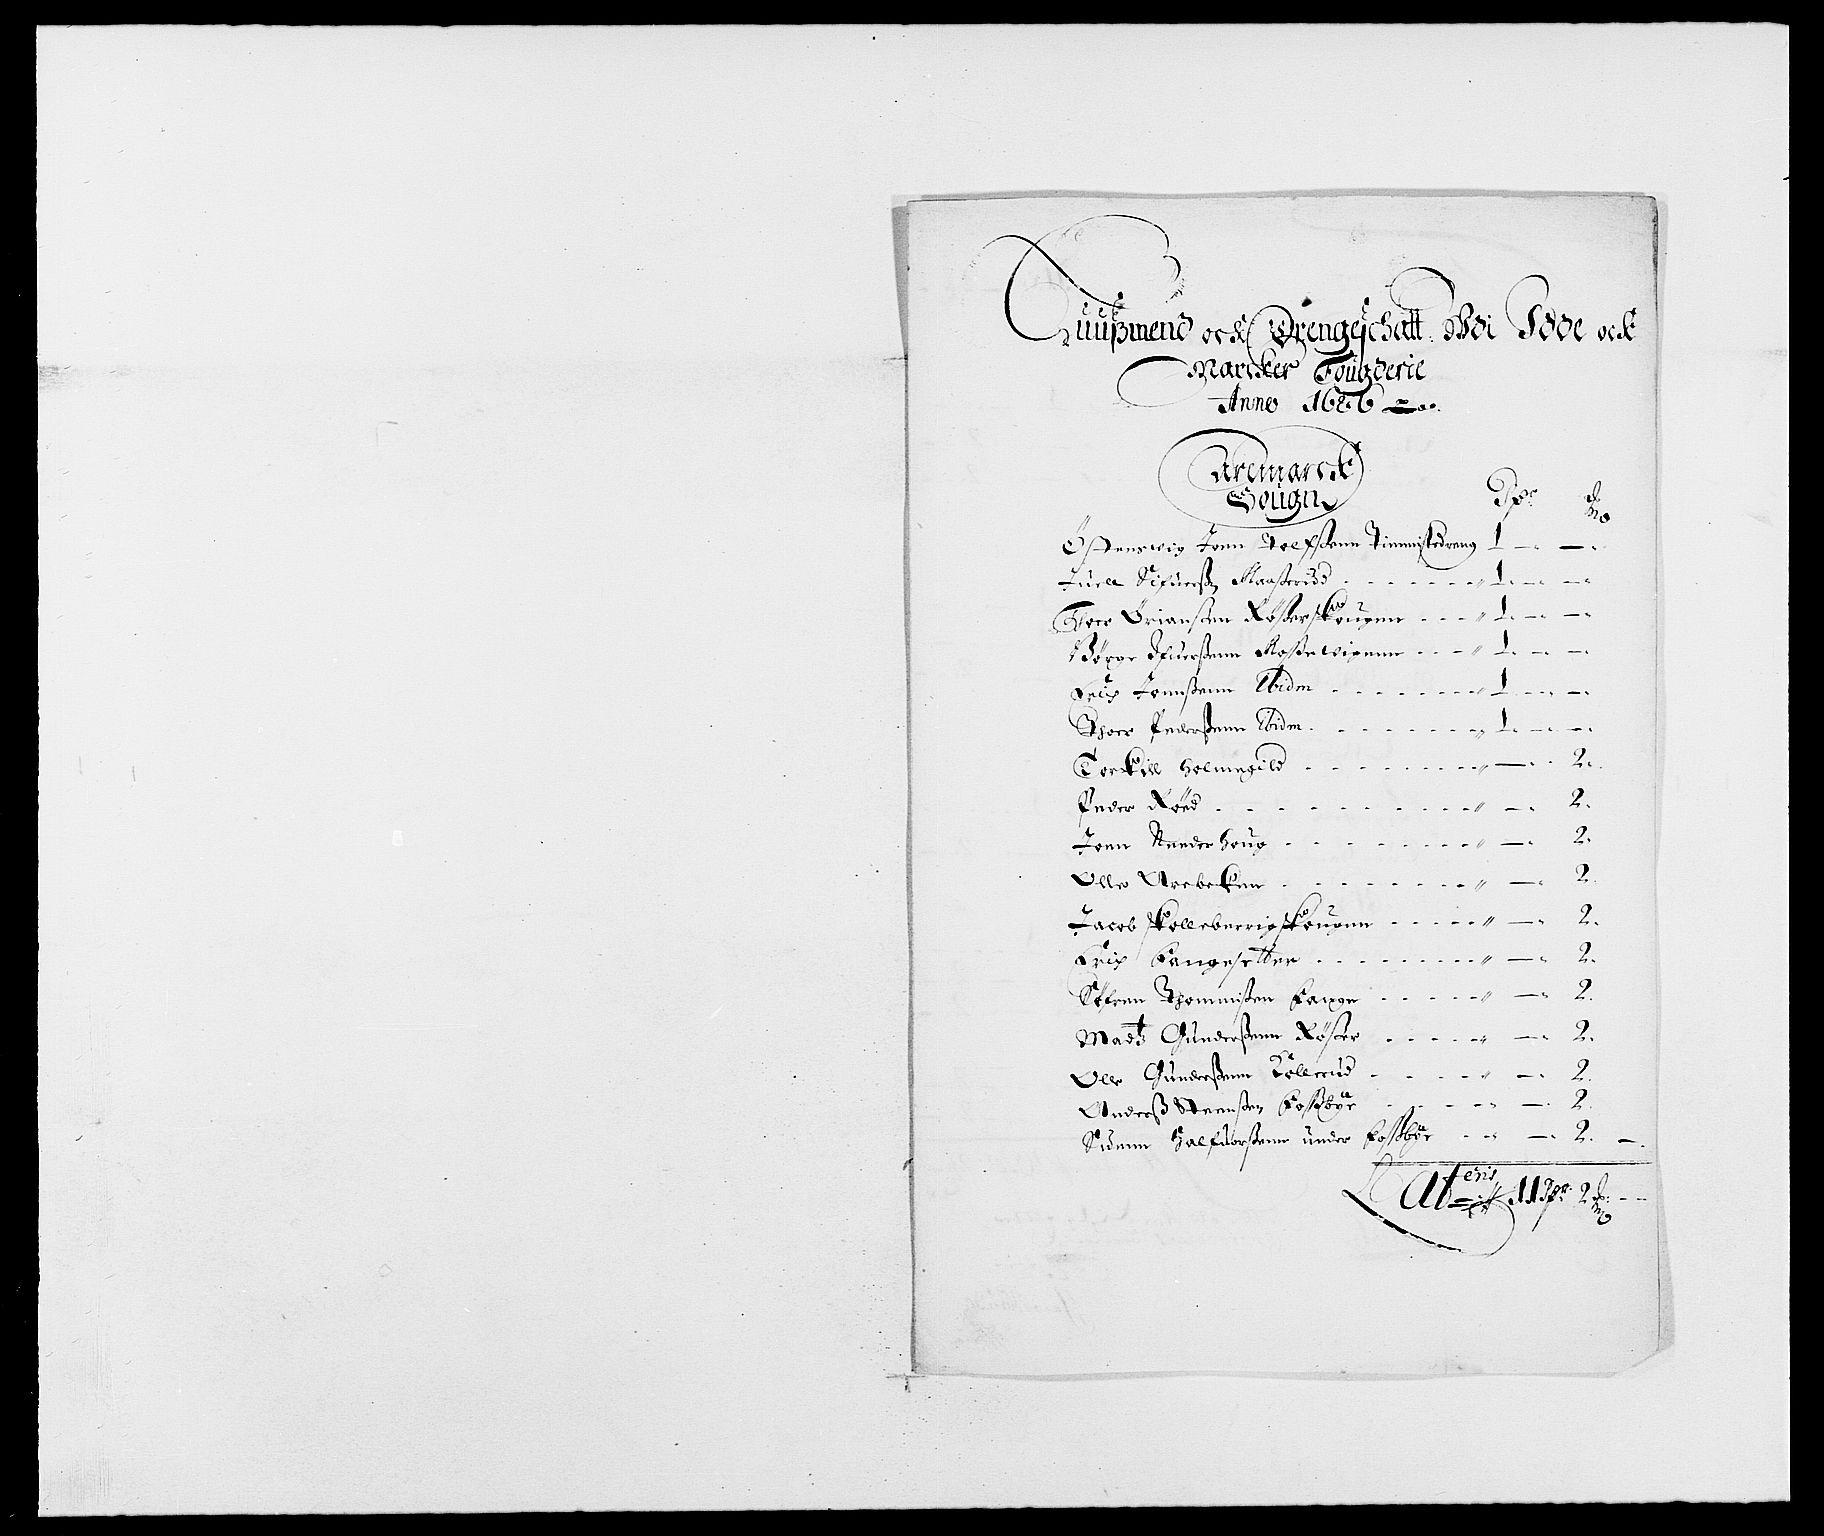 RA, Rentekammeret inntil 1814, Reviderte regnskaper, Fogderegnskap, R01/L0006: Fogderegnskap Idd og Marker, 1685-1686, s. 361